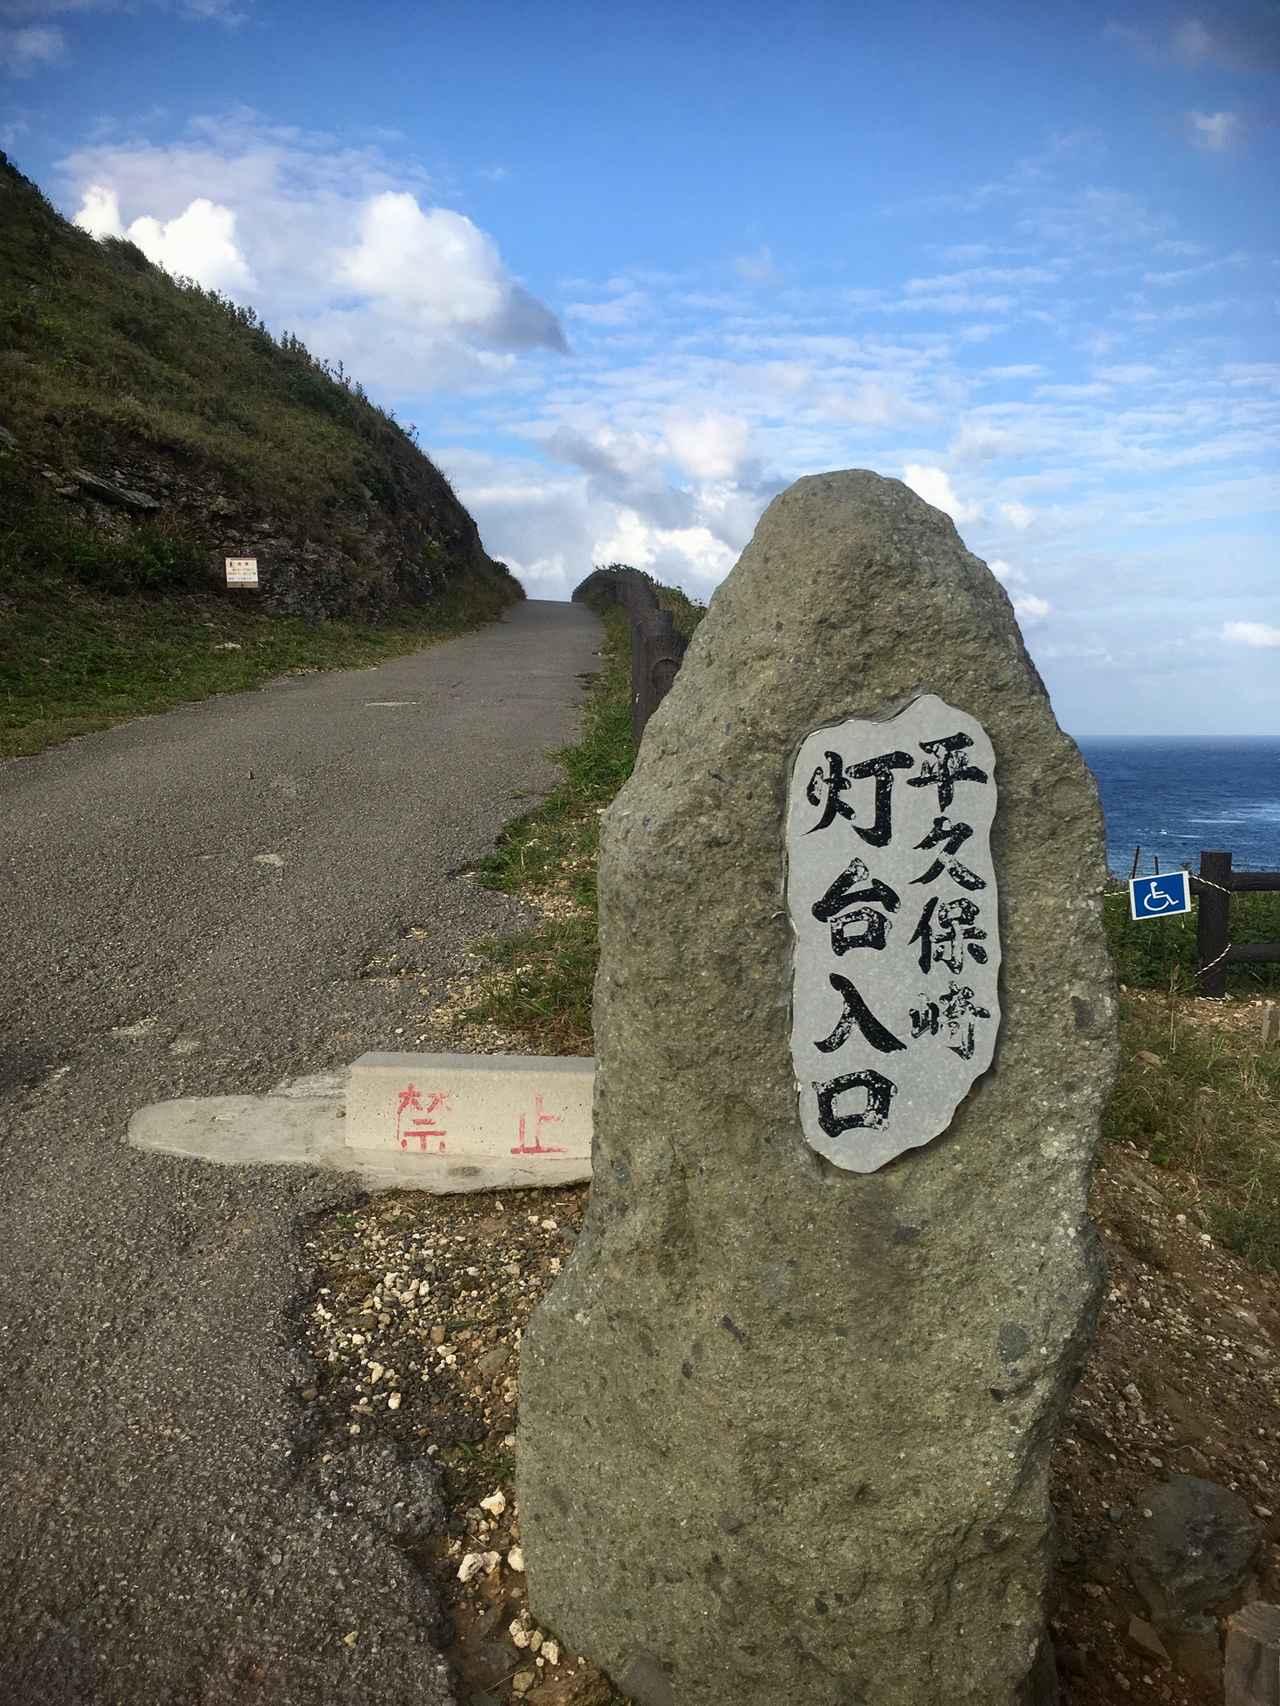 画像: そして、こちらもおススメ 石垣島最北端 恒例のバイク乗りは端っこ好きだよね? スポット。もちろん、あたし端っこ好きです。毎回きます( °◡͐°)